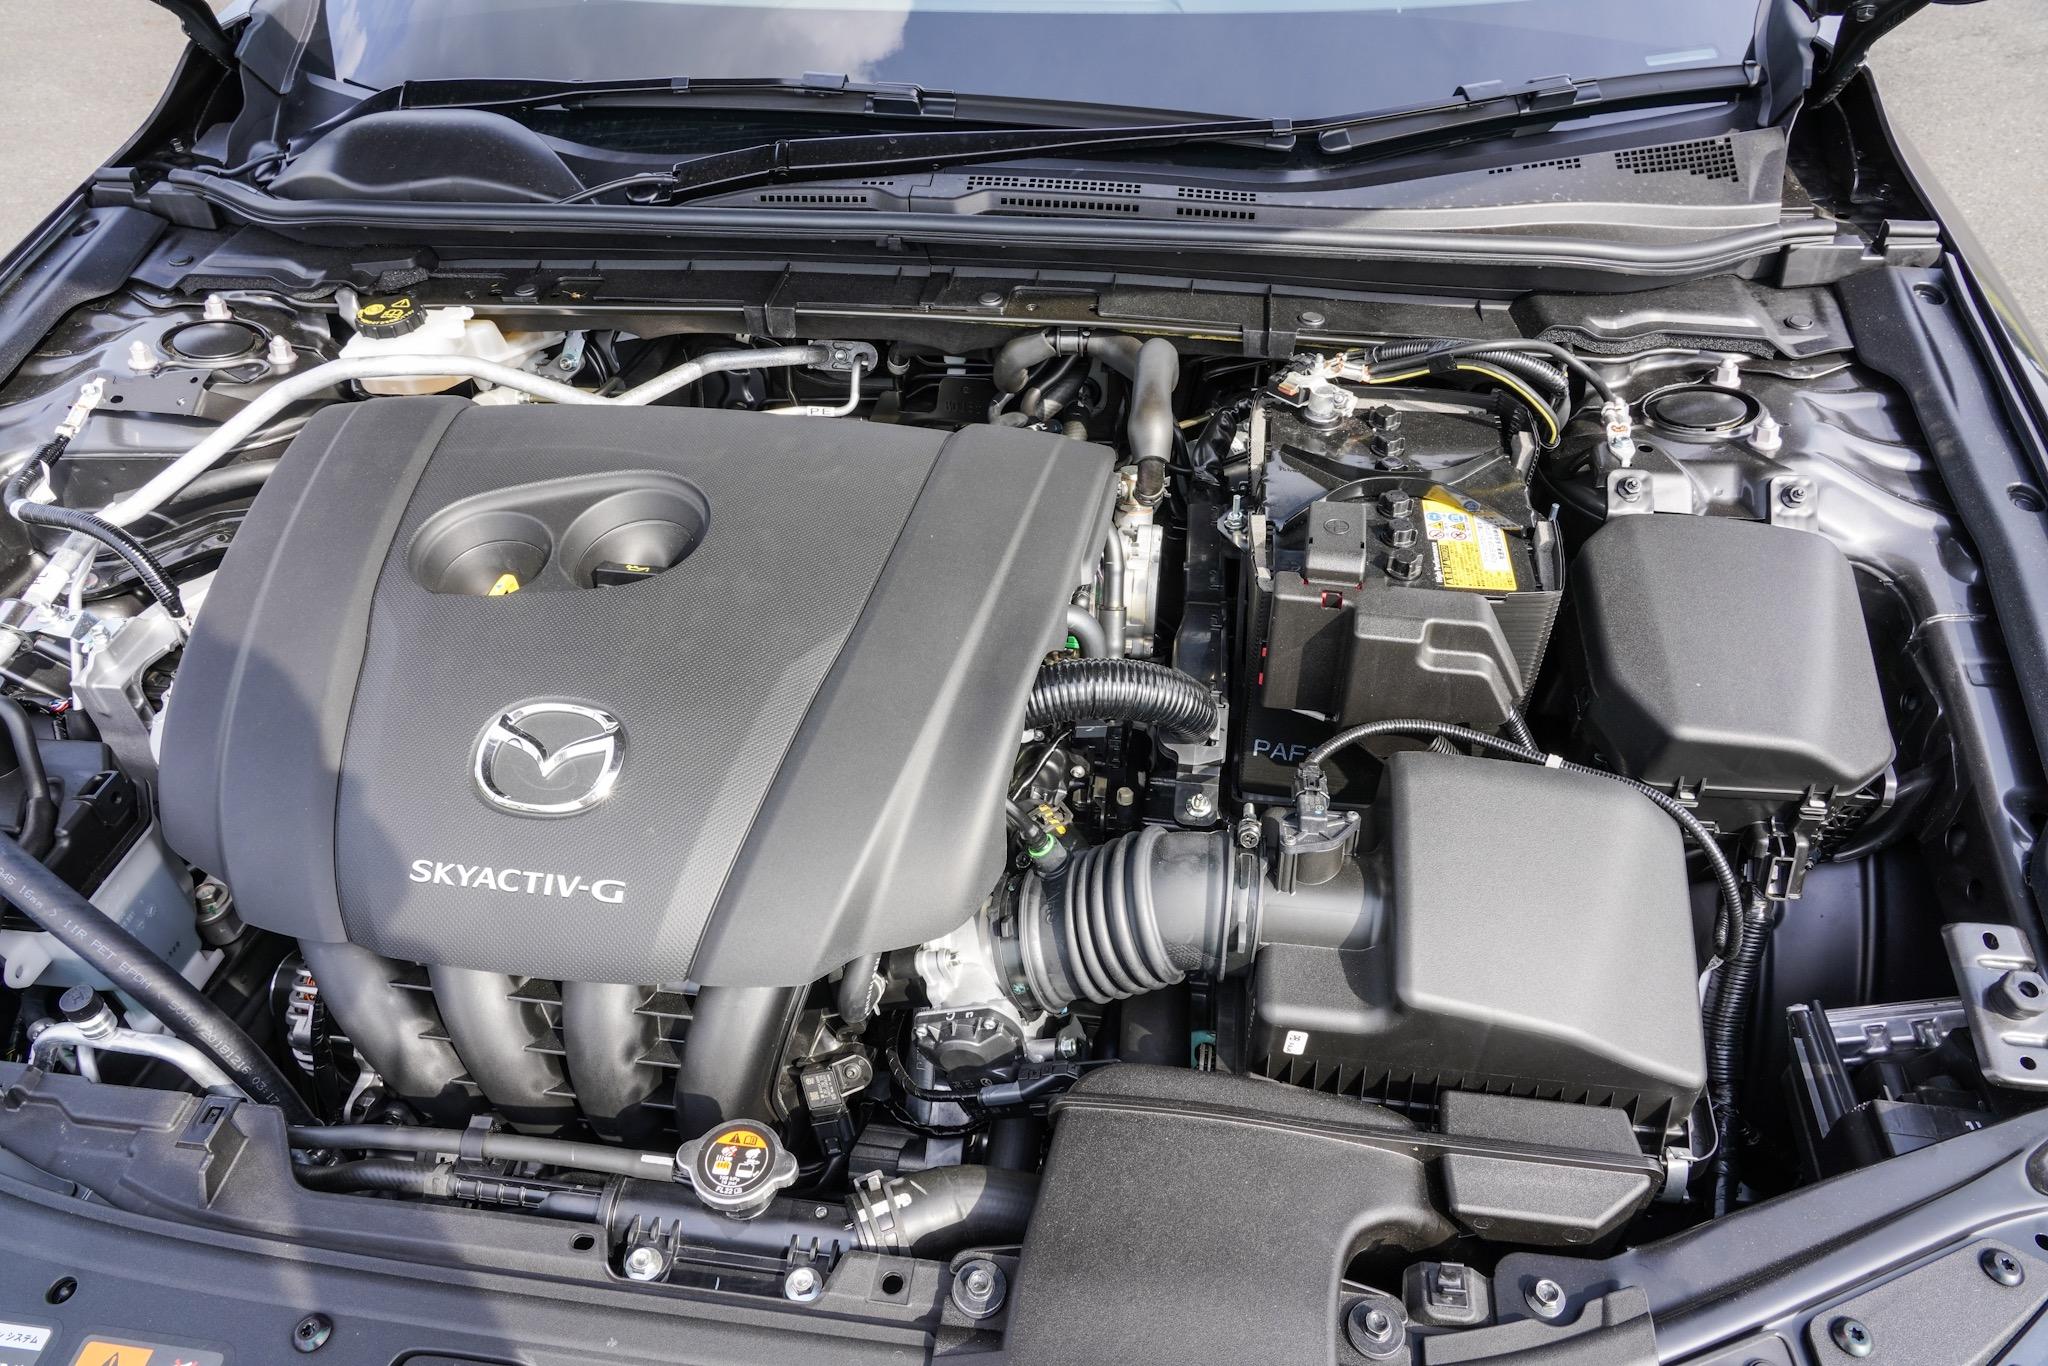 【セダン】MAZDA3 2.0L SKYACTIV-G ガソリンエンジン